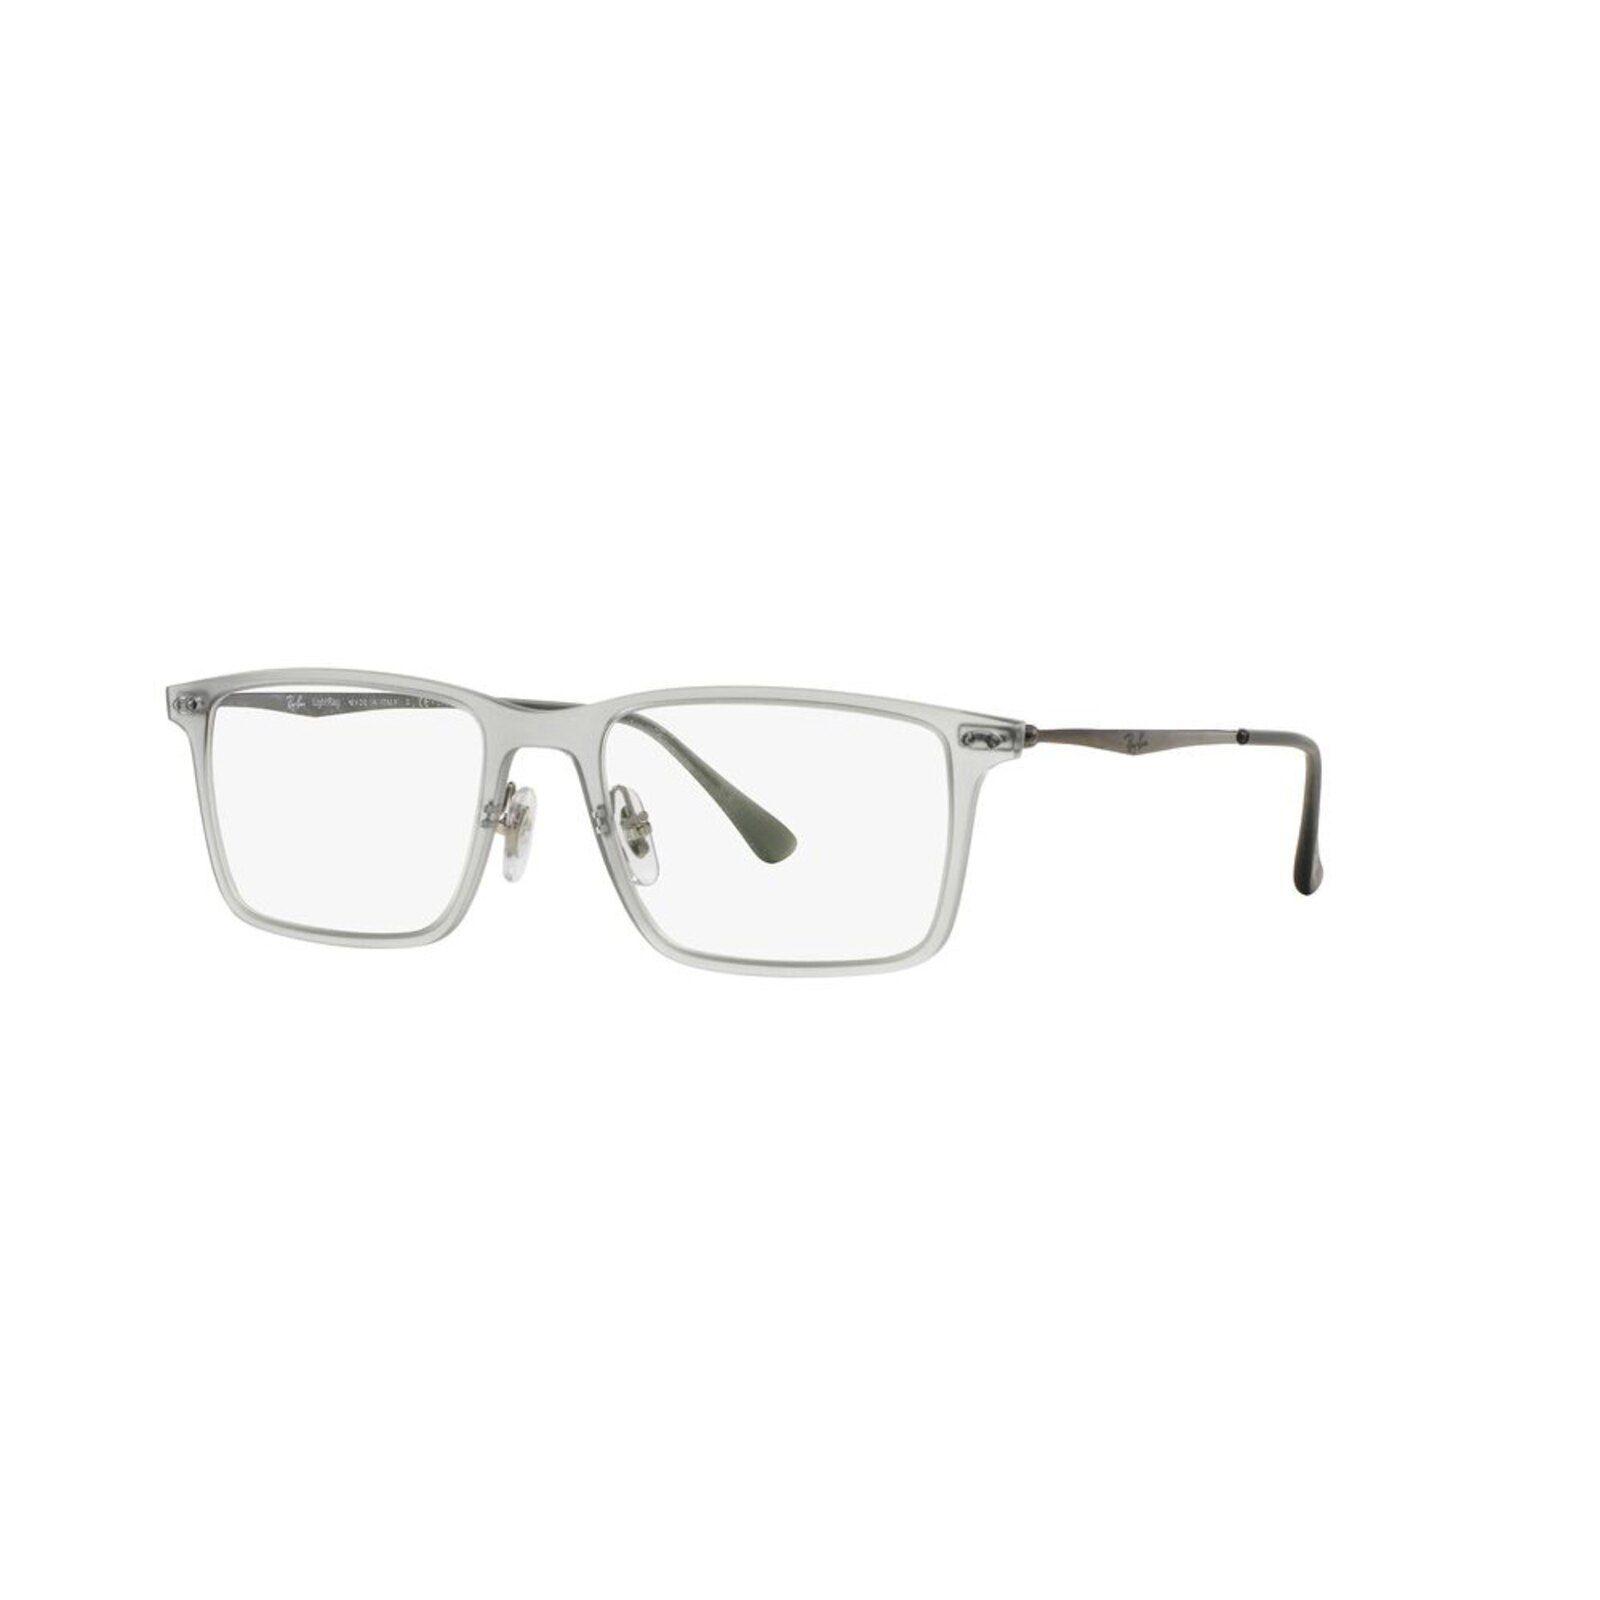 Armacao De Oculos Ray Ban Rb7050 Cinza Em 2020 Armacoes De